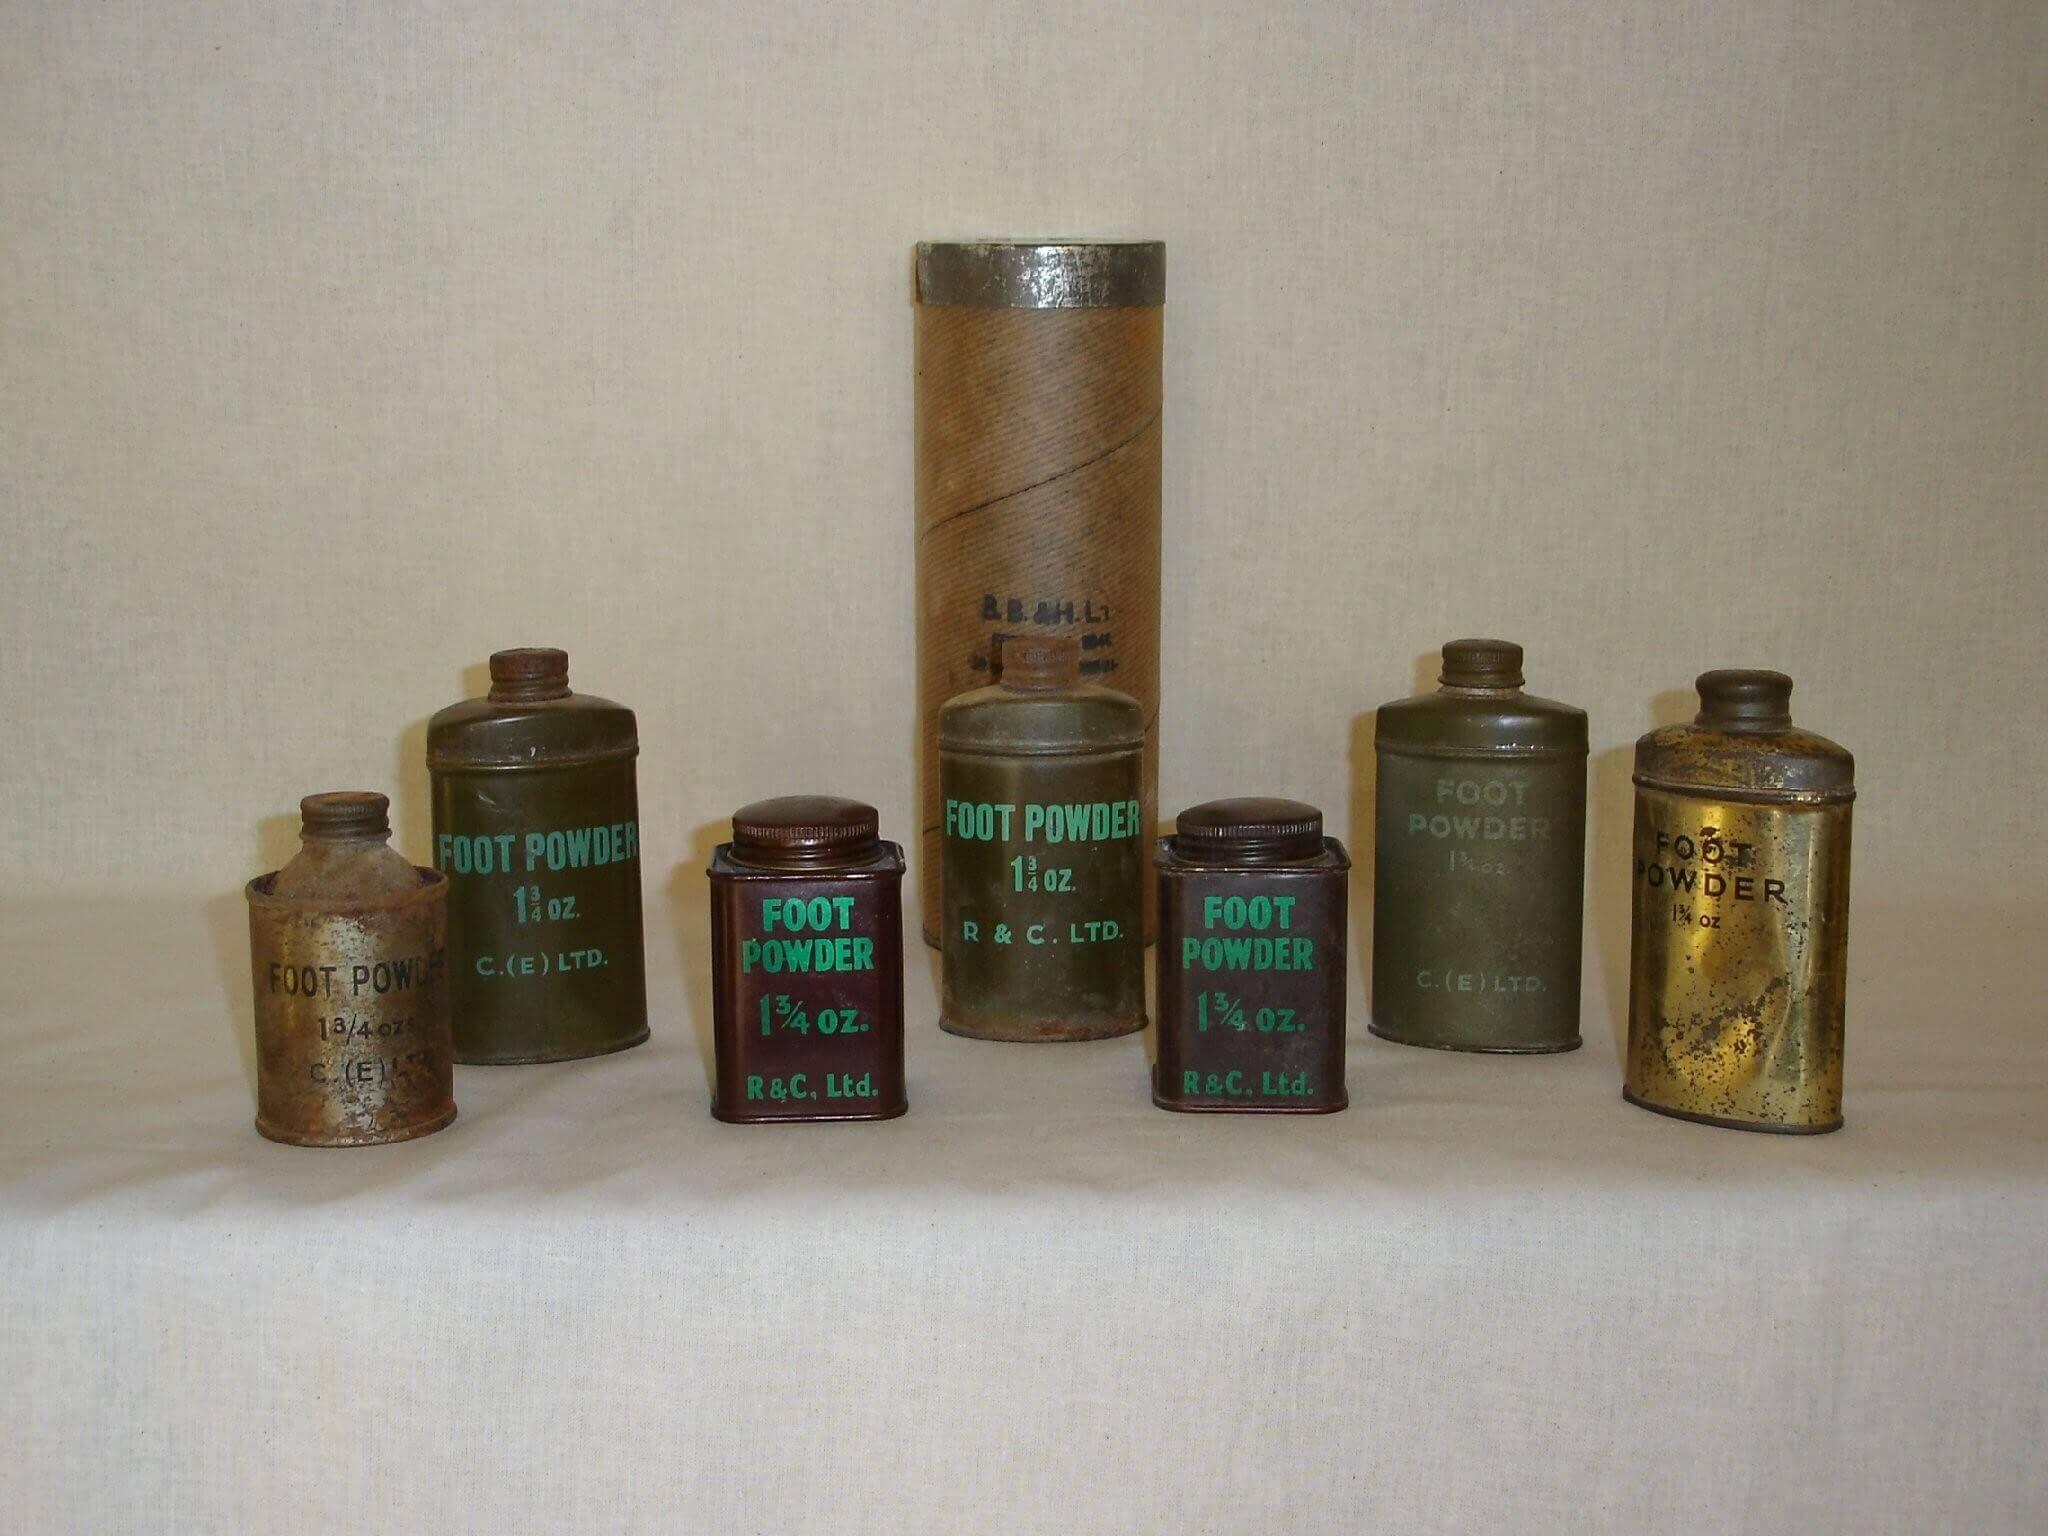 Foot powder uit de tweede wereldoorlog